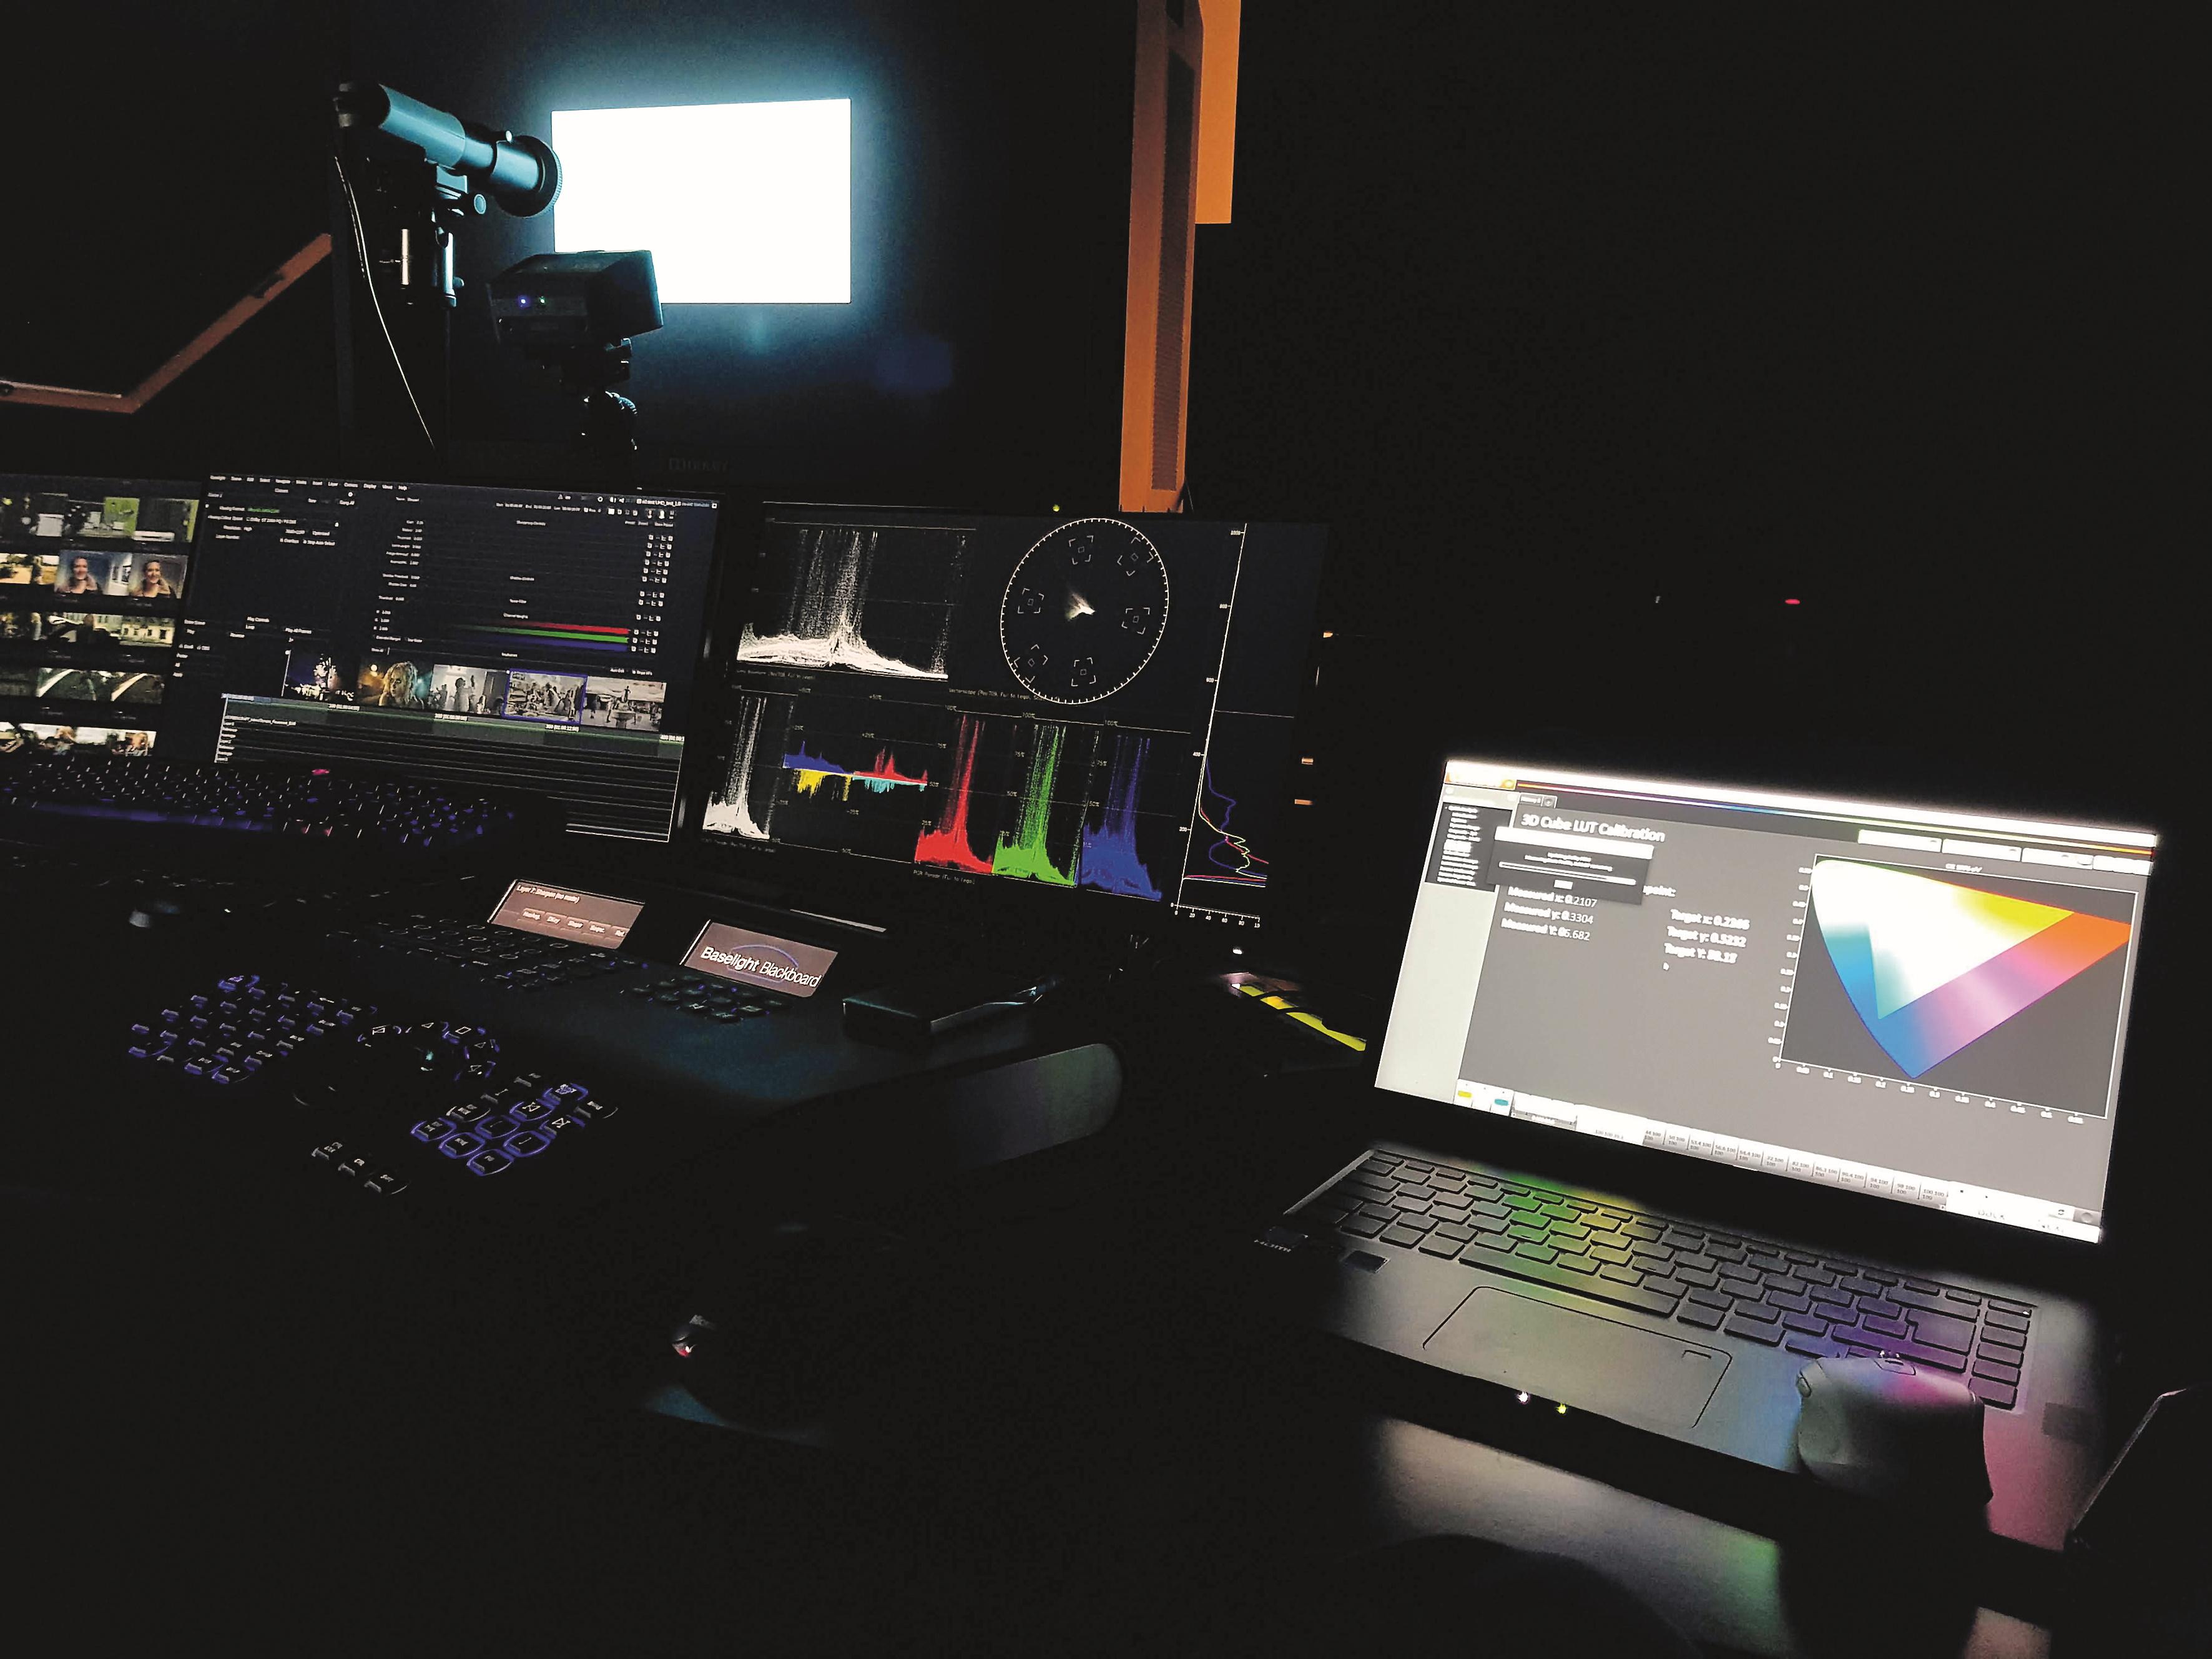 Der Dolby PRM 42OO muss für HLG extra per aufwendiger 3D-Farbraumvermessung kalibriert werden. Dolby liefert für ihre Monitore nur ST2O48/PQ EOTF 3D-LUT-basierte Presets.